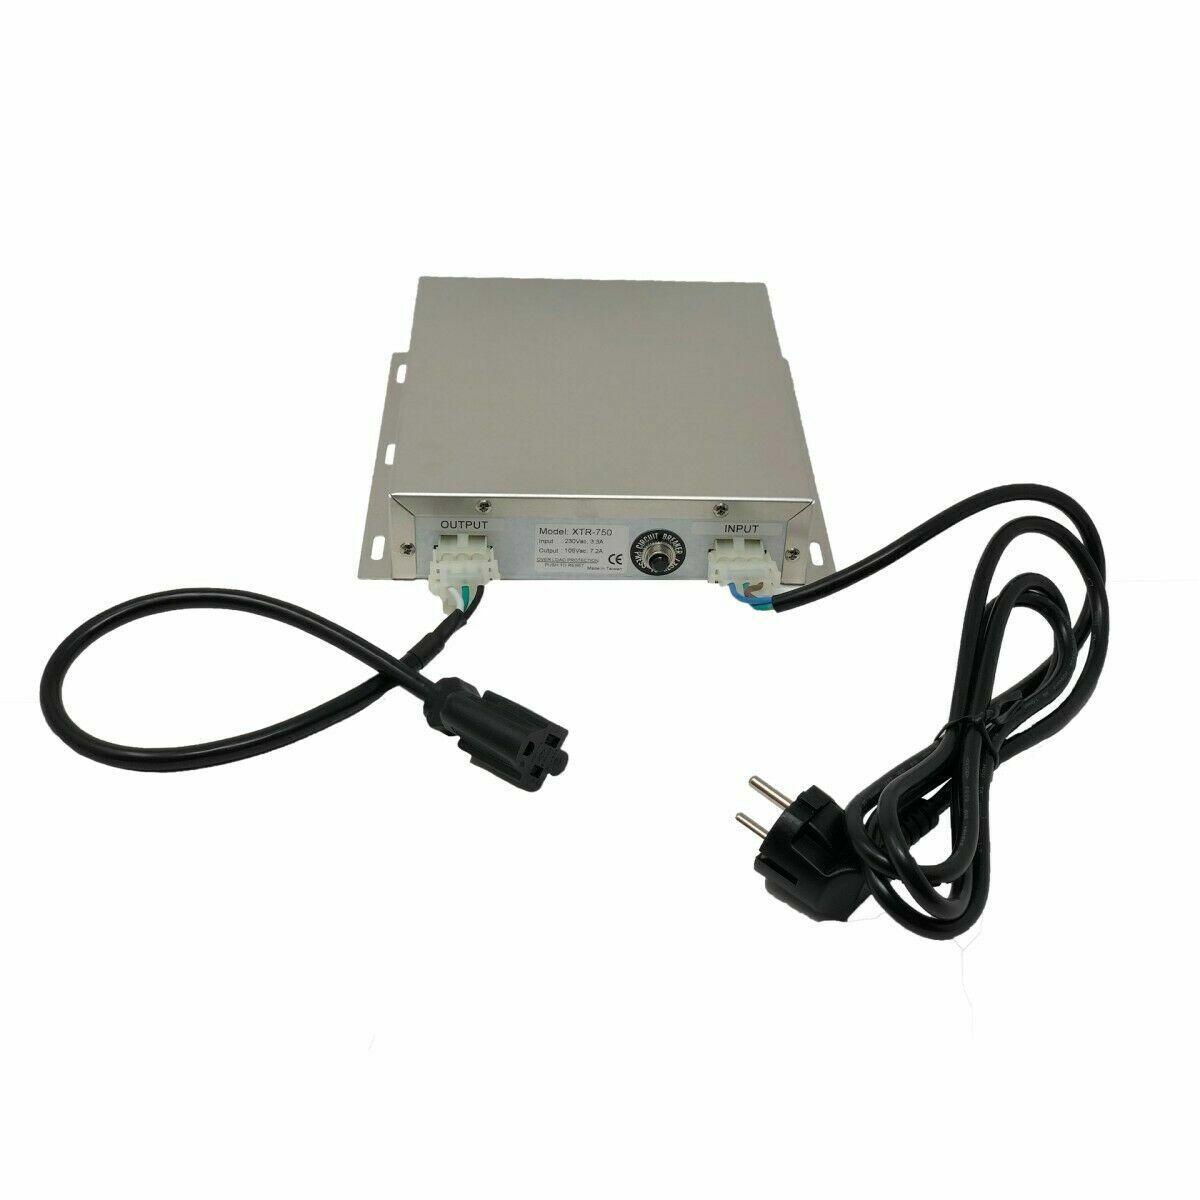 PowerXchanger XTR-750 Step Down Auto Transformer - 750 Watt